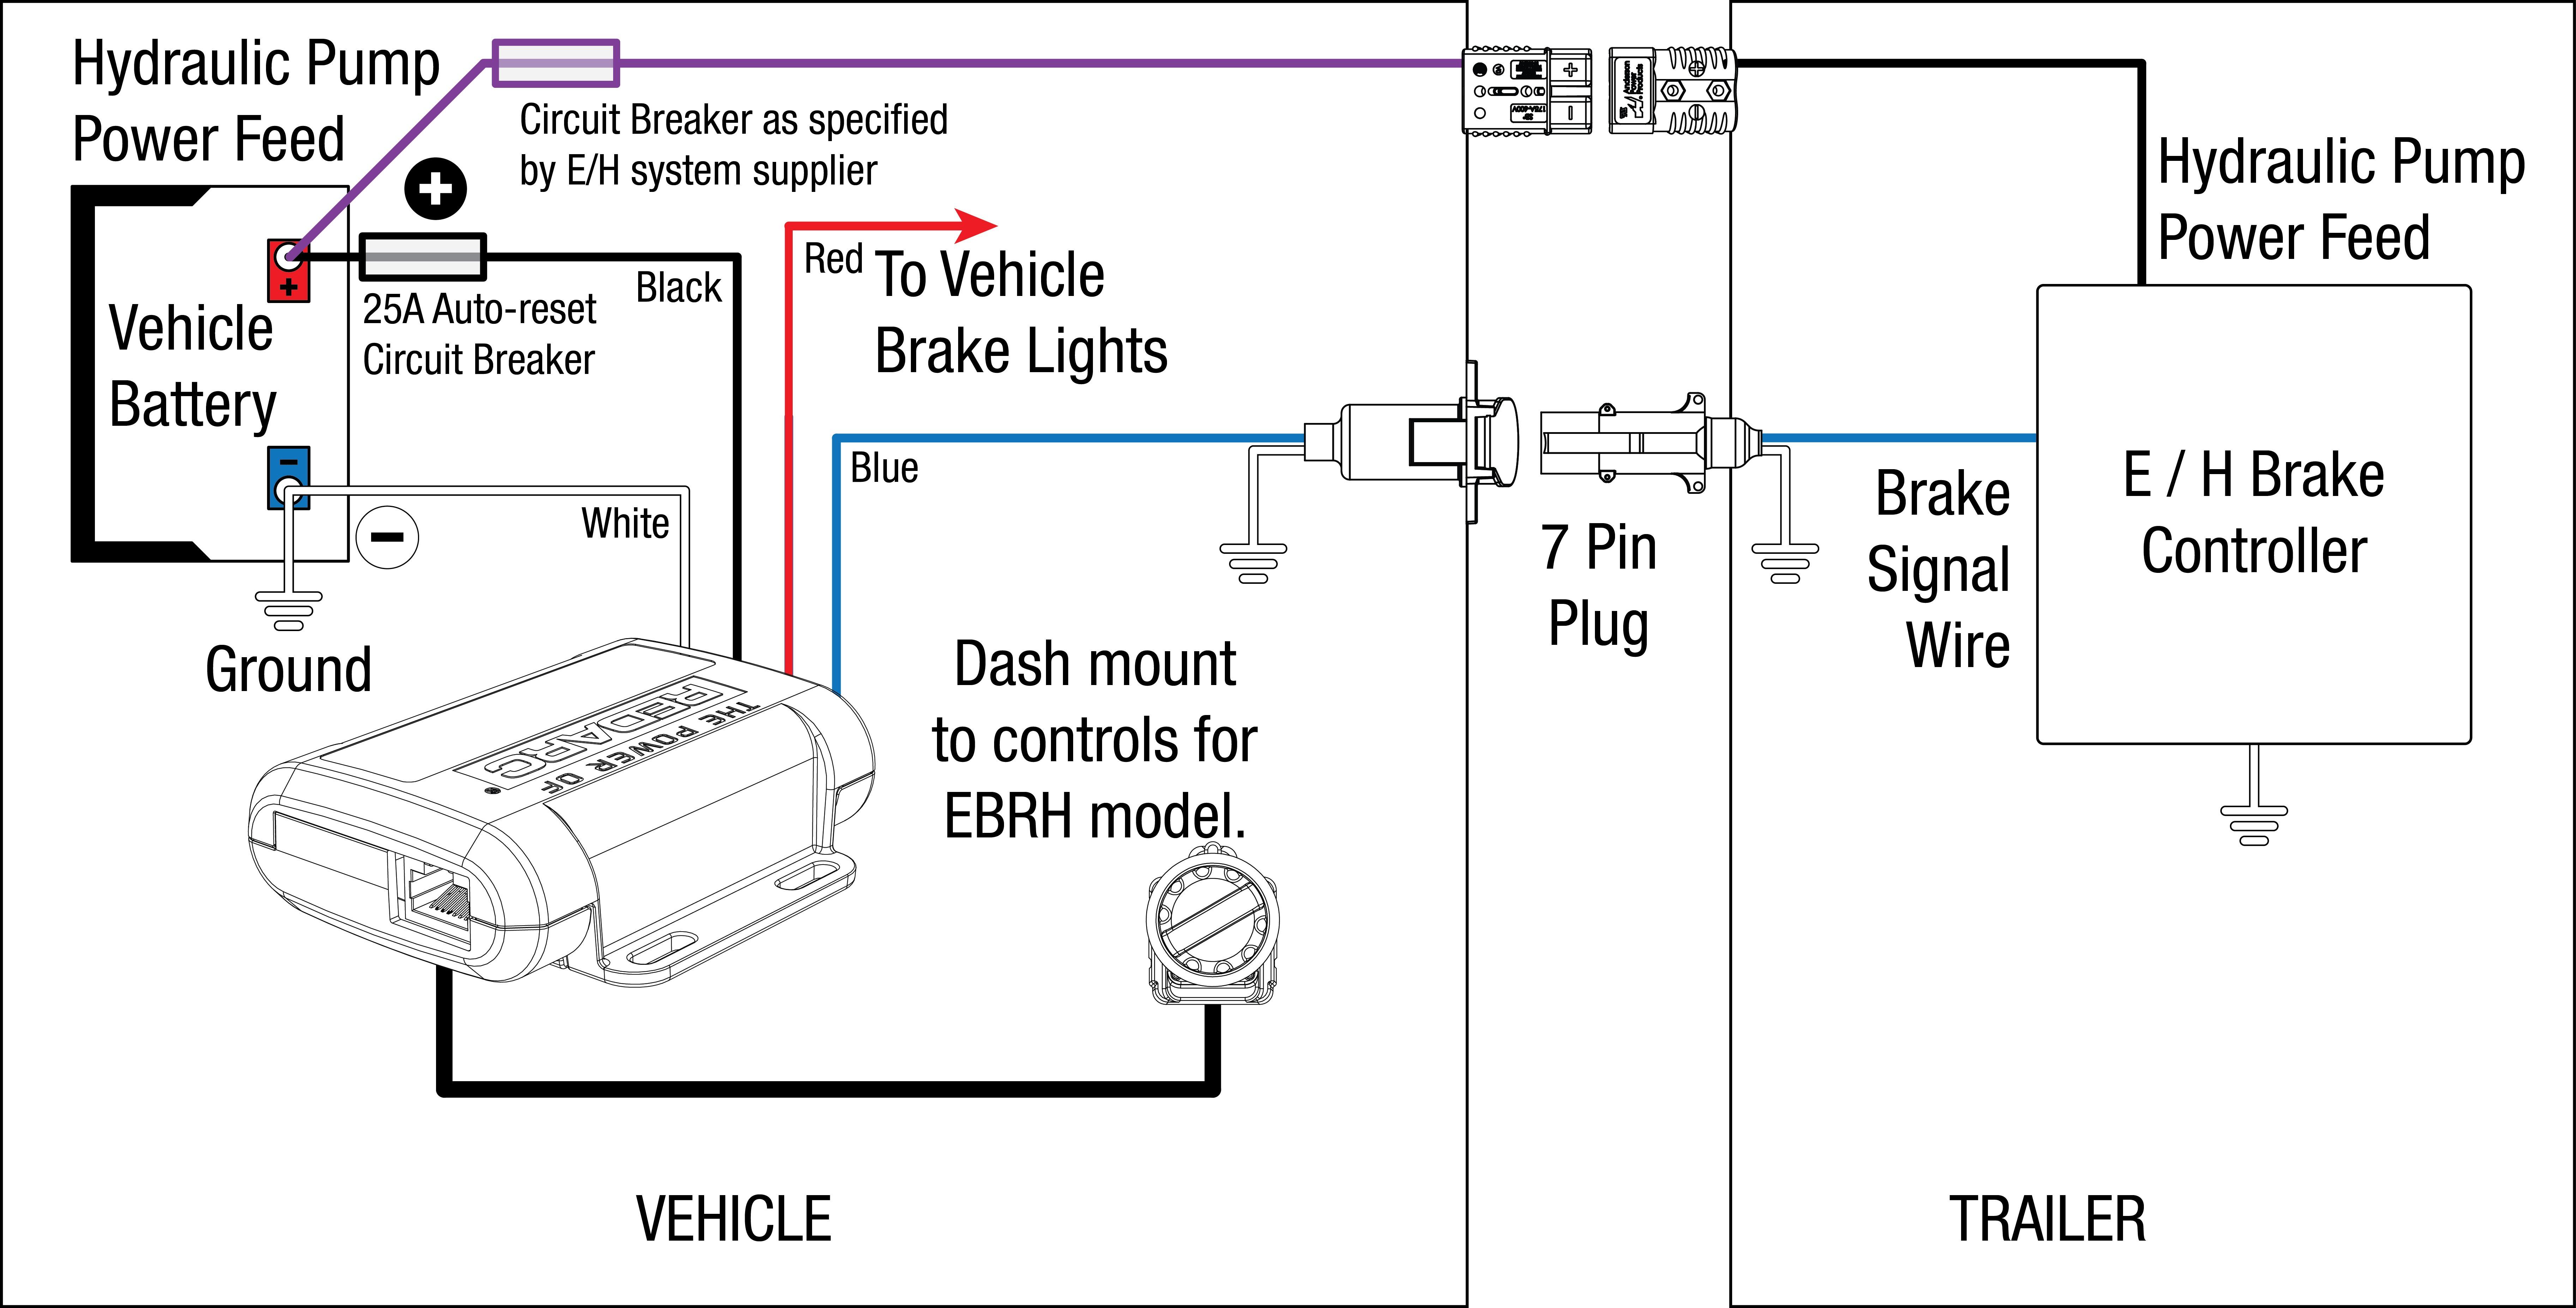 Primus Brake Controller Wiring Diagram Electric Trailer Brake Controller Wiring Diagram and Inst 03 at Of Primus Brake Controller Wiring Diagram